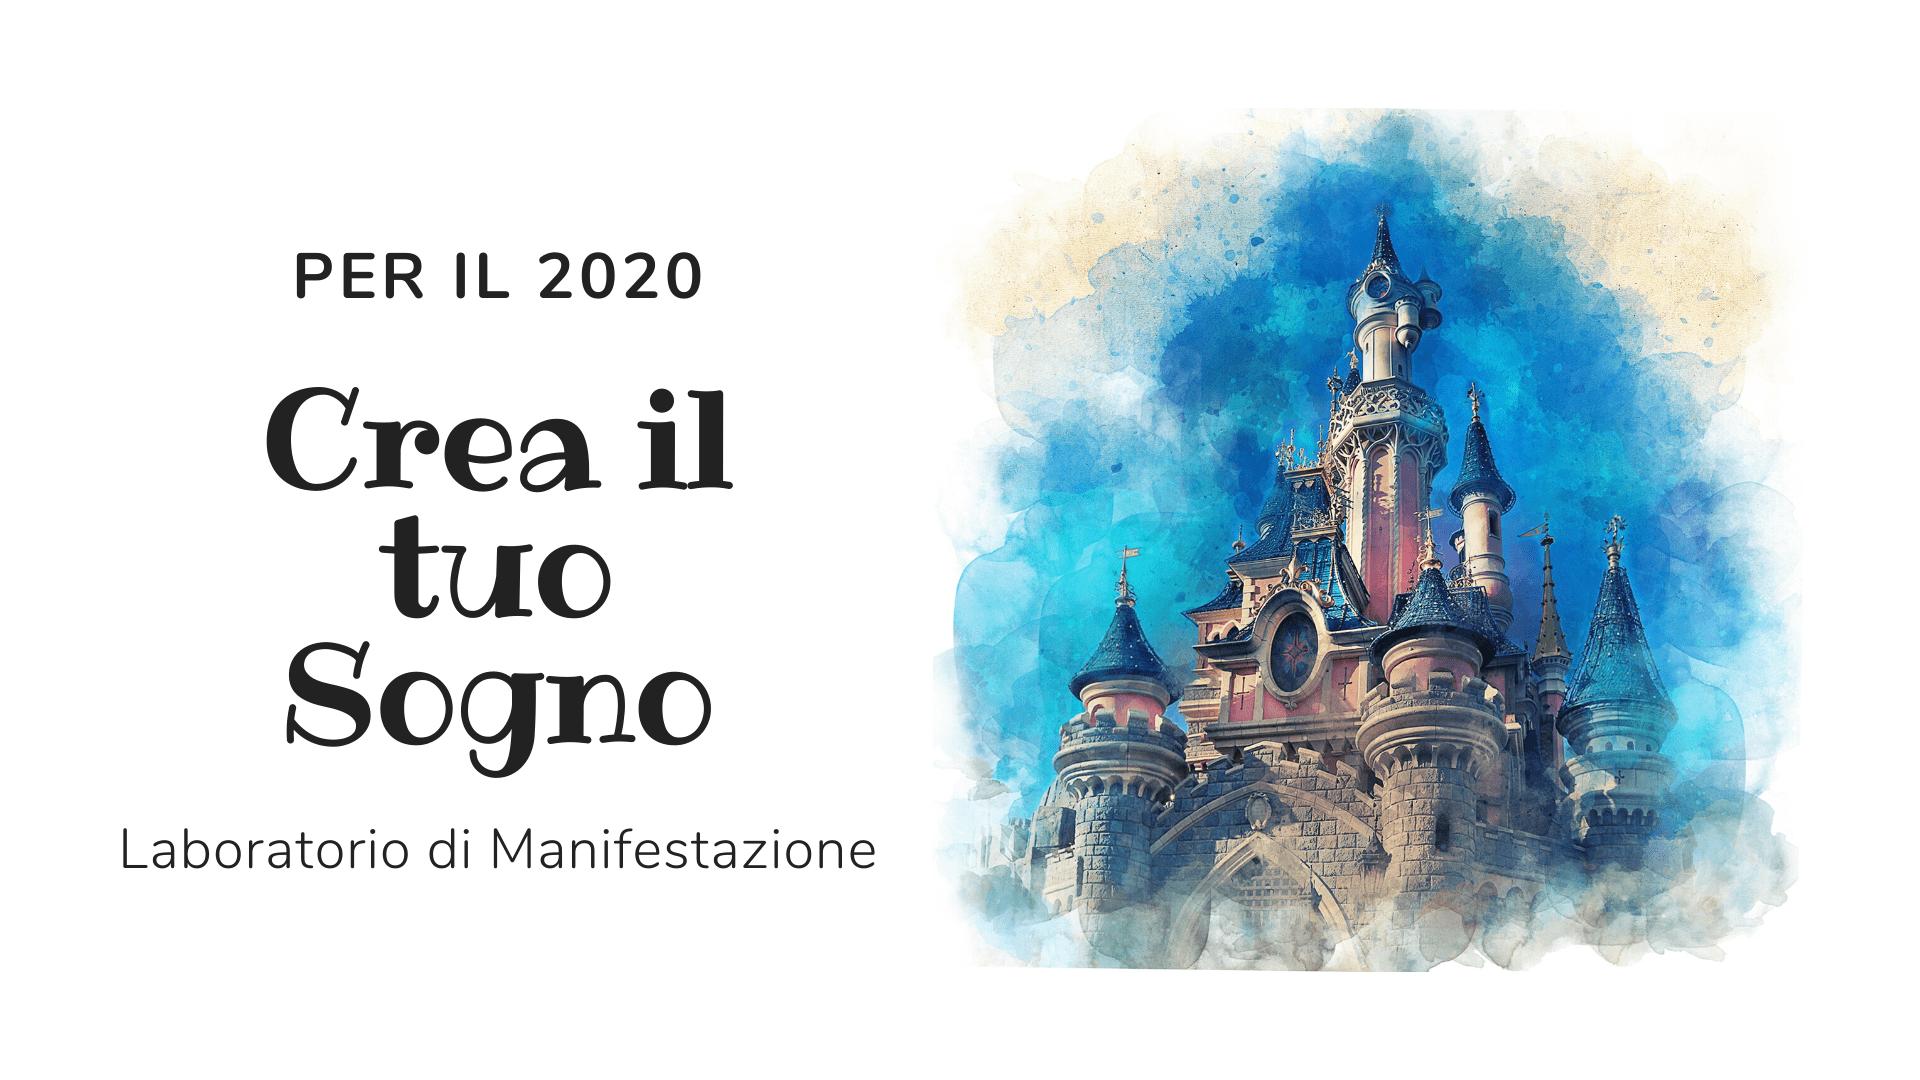 Per il 2020... Crea il tuo Sogno